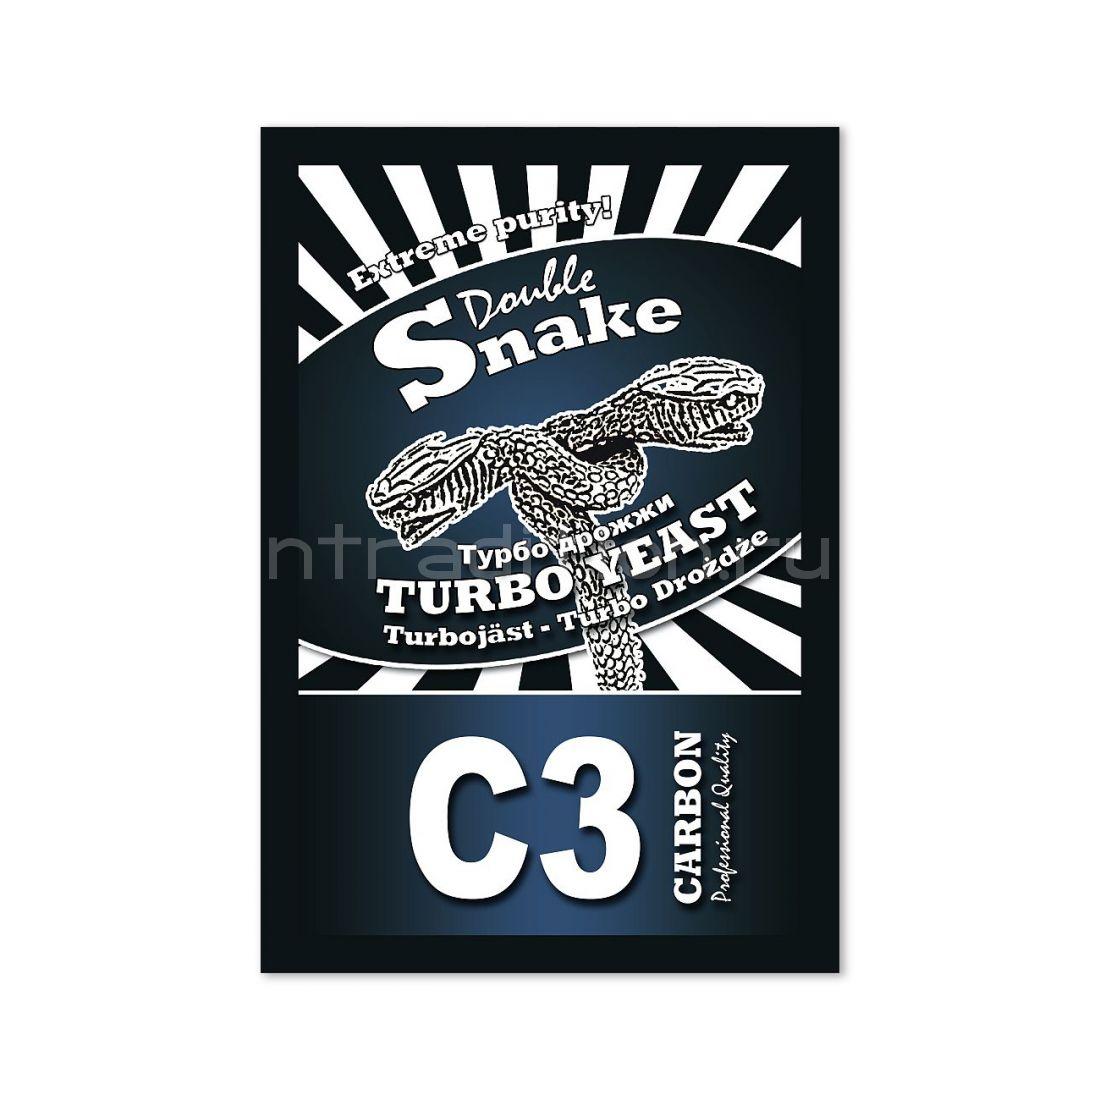 Турбо дрожжи с углем DoubleSnake С3 Carbon, для самогона, на 25 л (Великобритания)